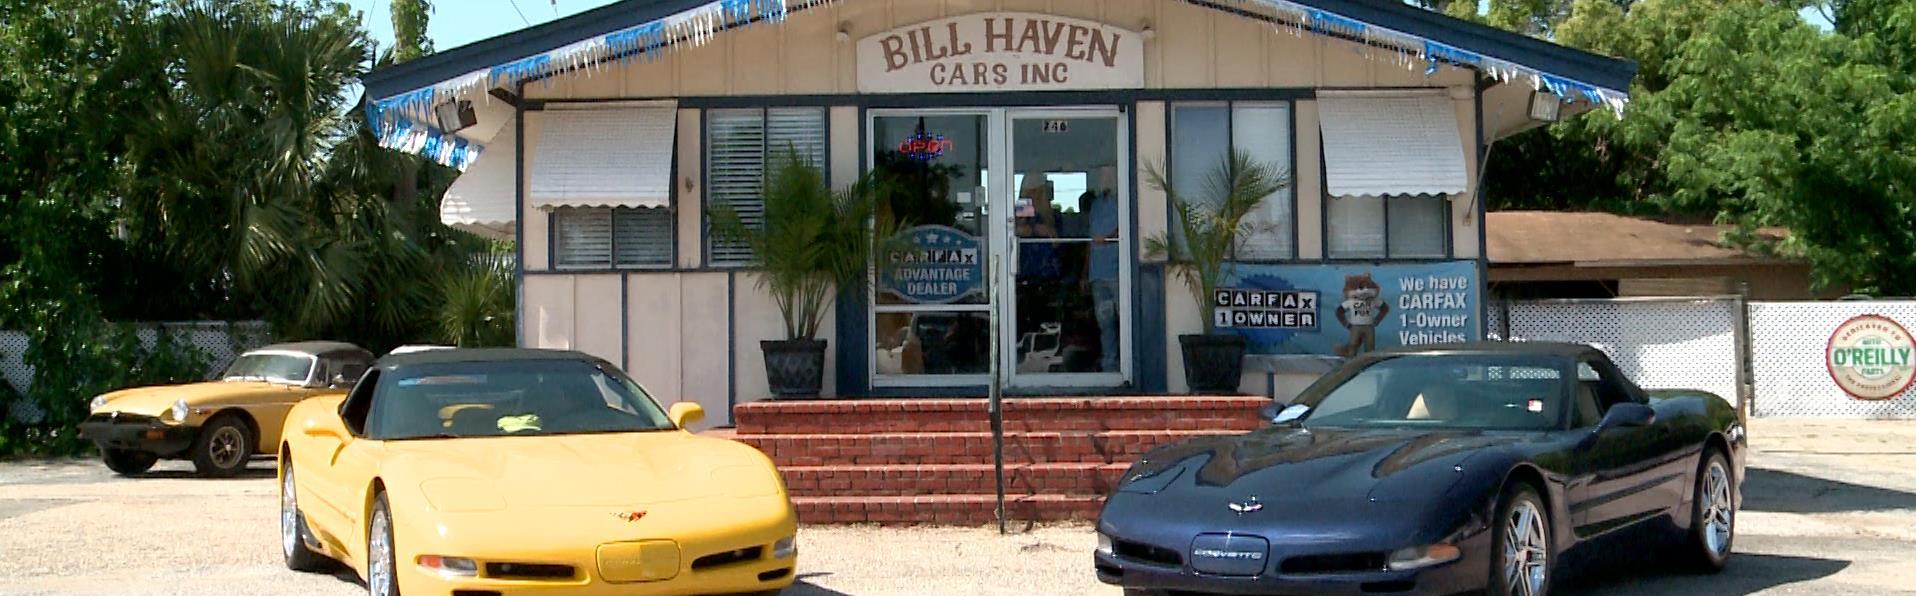 Used Cars Pensacola >> Used Cars Pensacola Fl Used Cars Trucks Fl Bill Haven